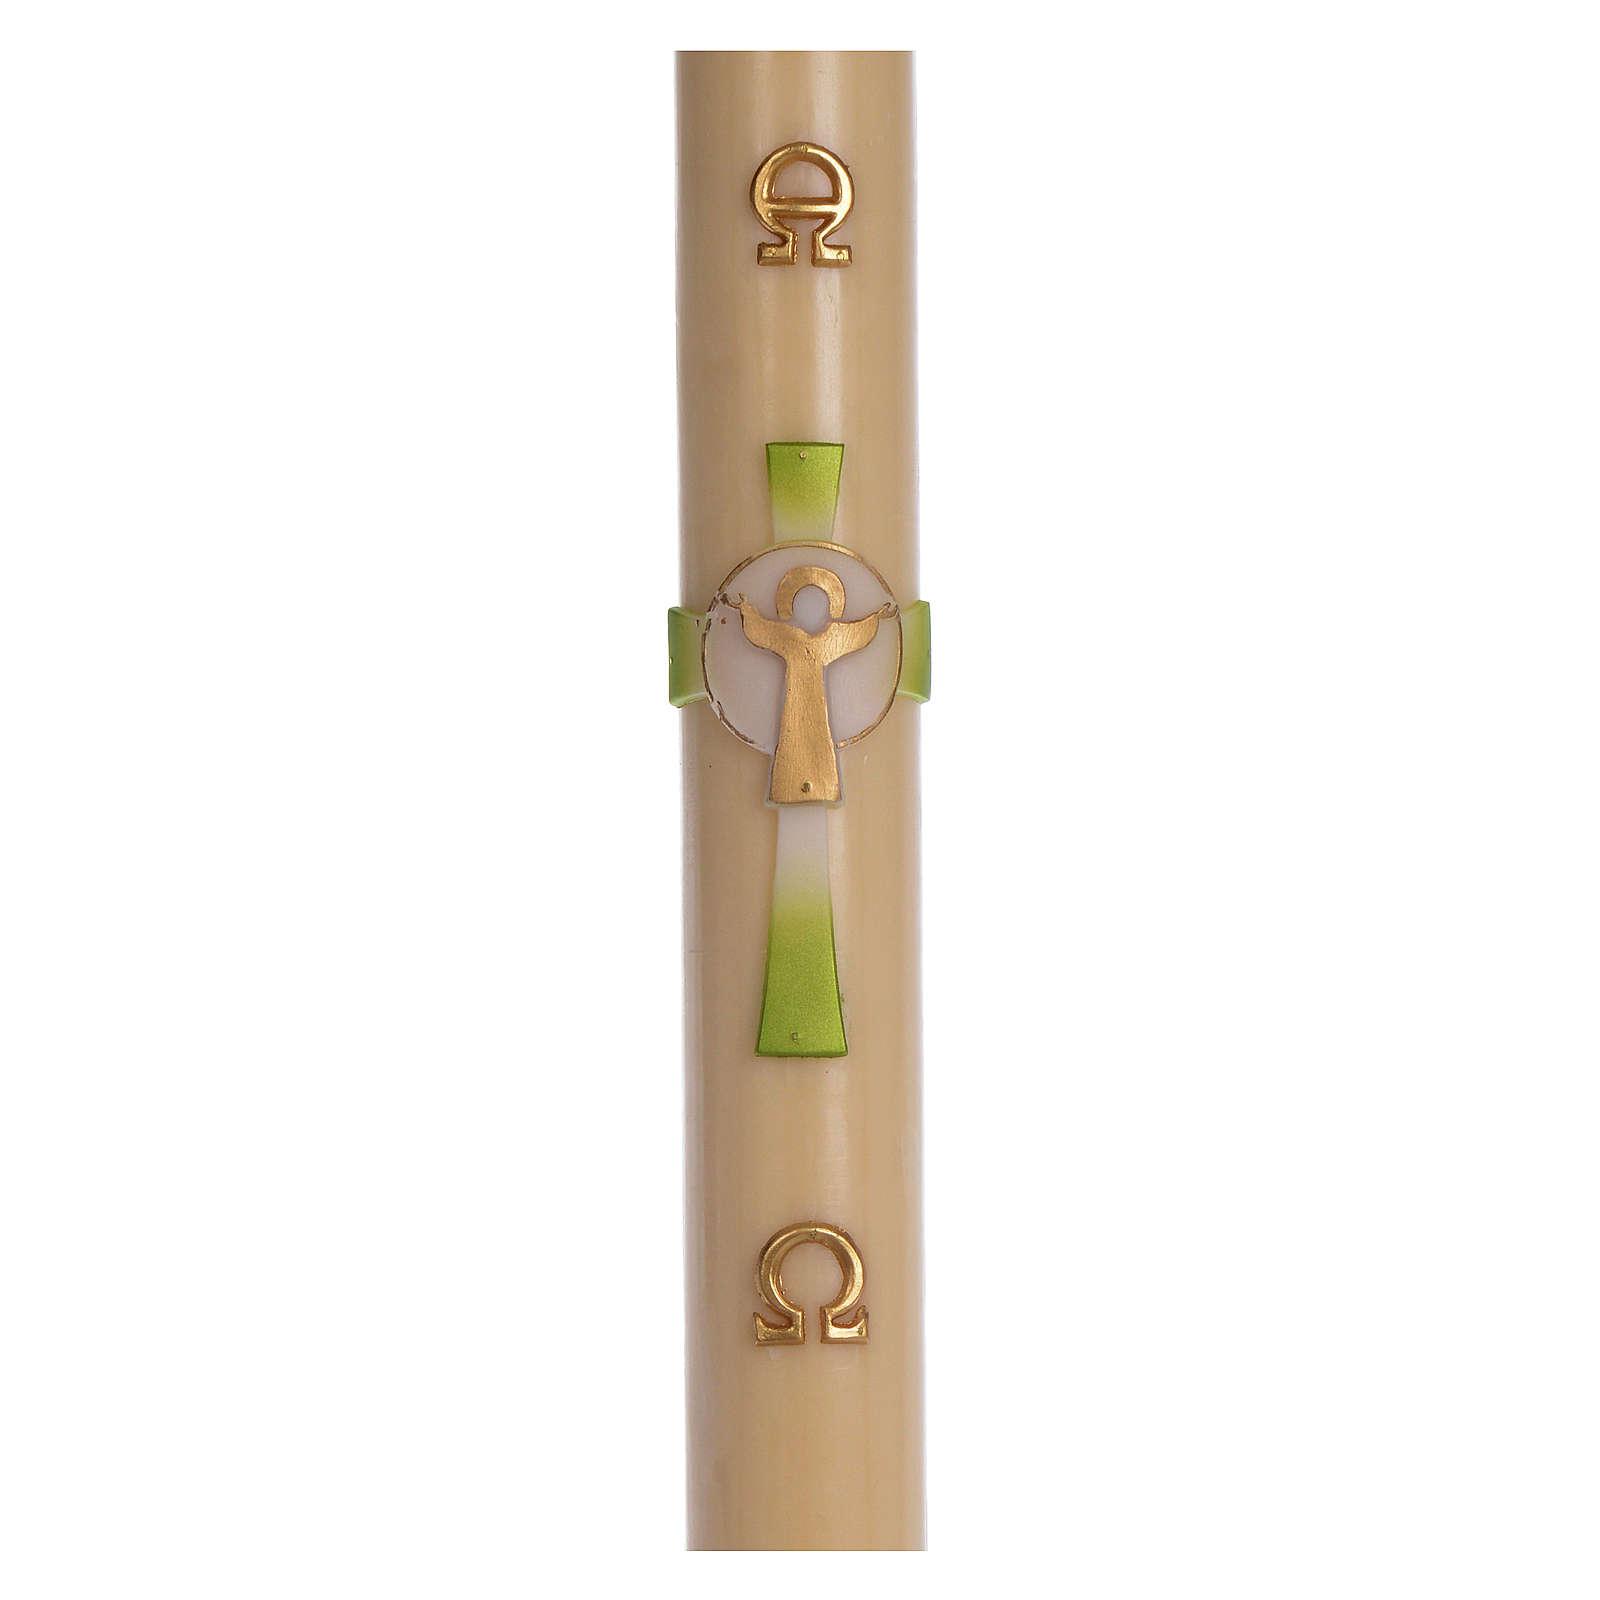 Cierge pascal cire d'abeille Croix Ressuscité vert 8x120 cm